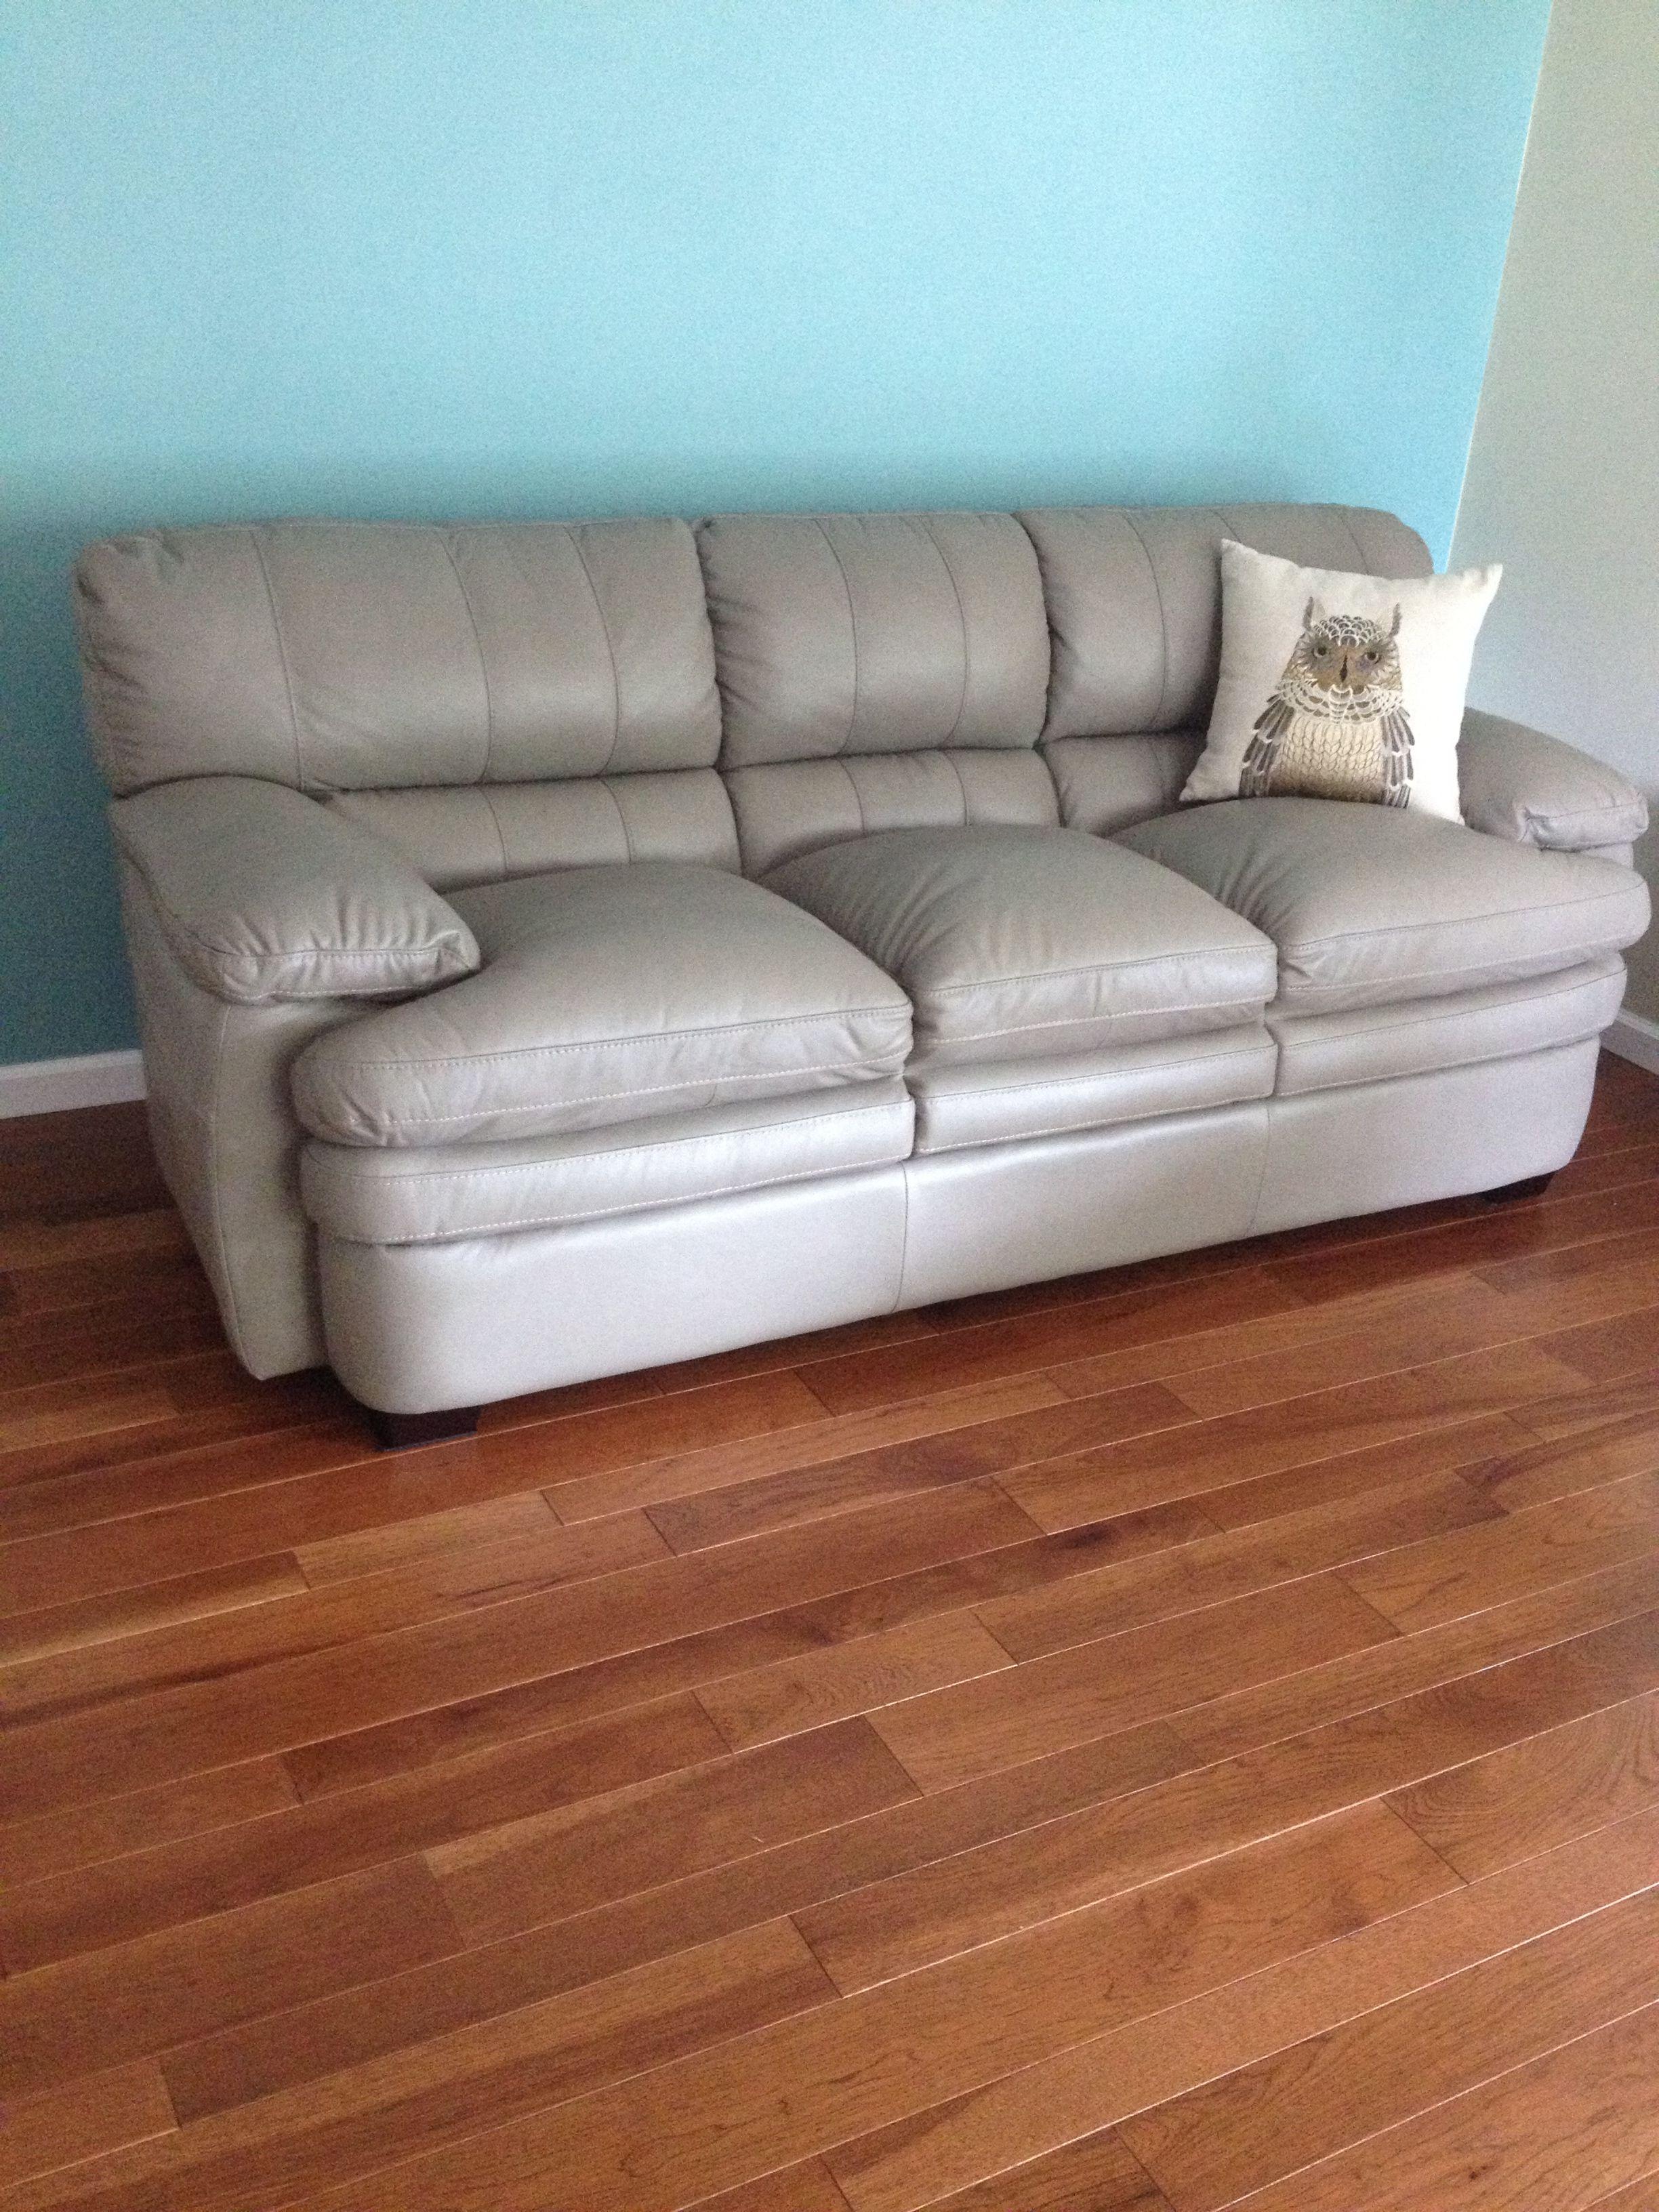 Lazy boy leather sofa Sofa, Leather sofa, Furniture